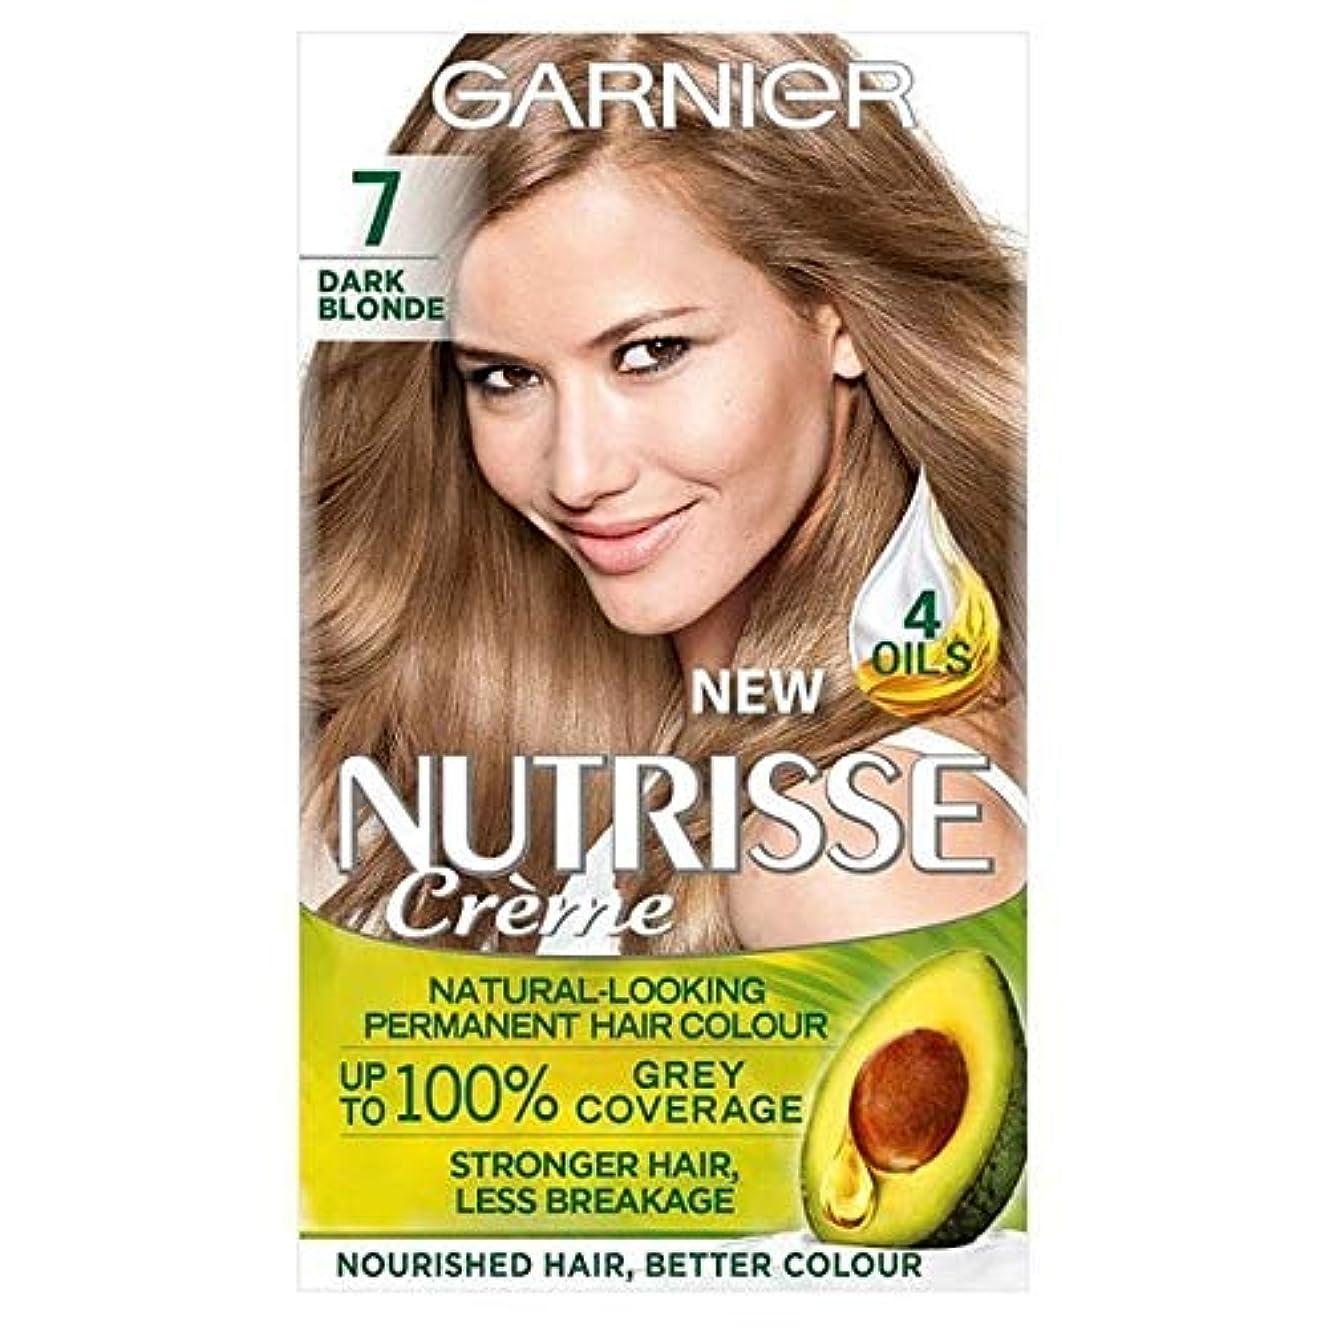 砂の可塑性取り戻す[Garnier ] ガルニエNutrisse永久染毛剤ダークブロンド7 - Garnier Nutrisse Permanent Hair Dye Dark Blonde 7 [並行輸入品]